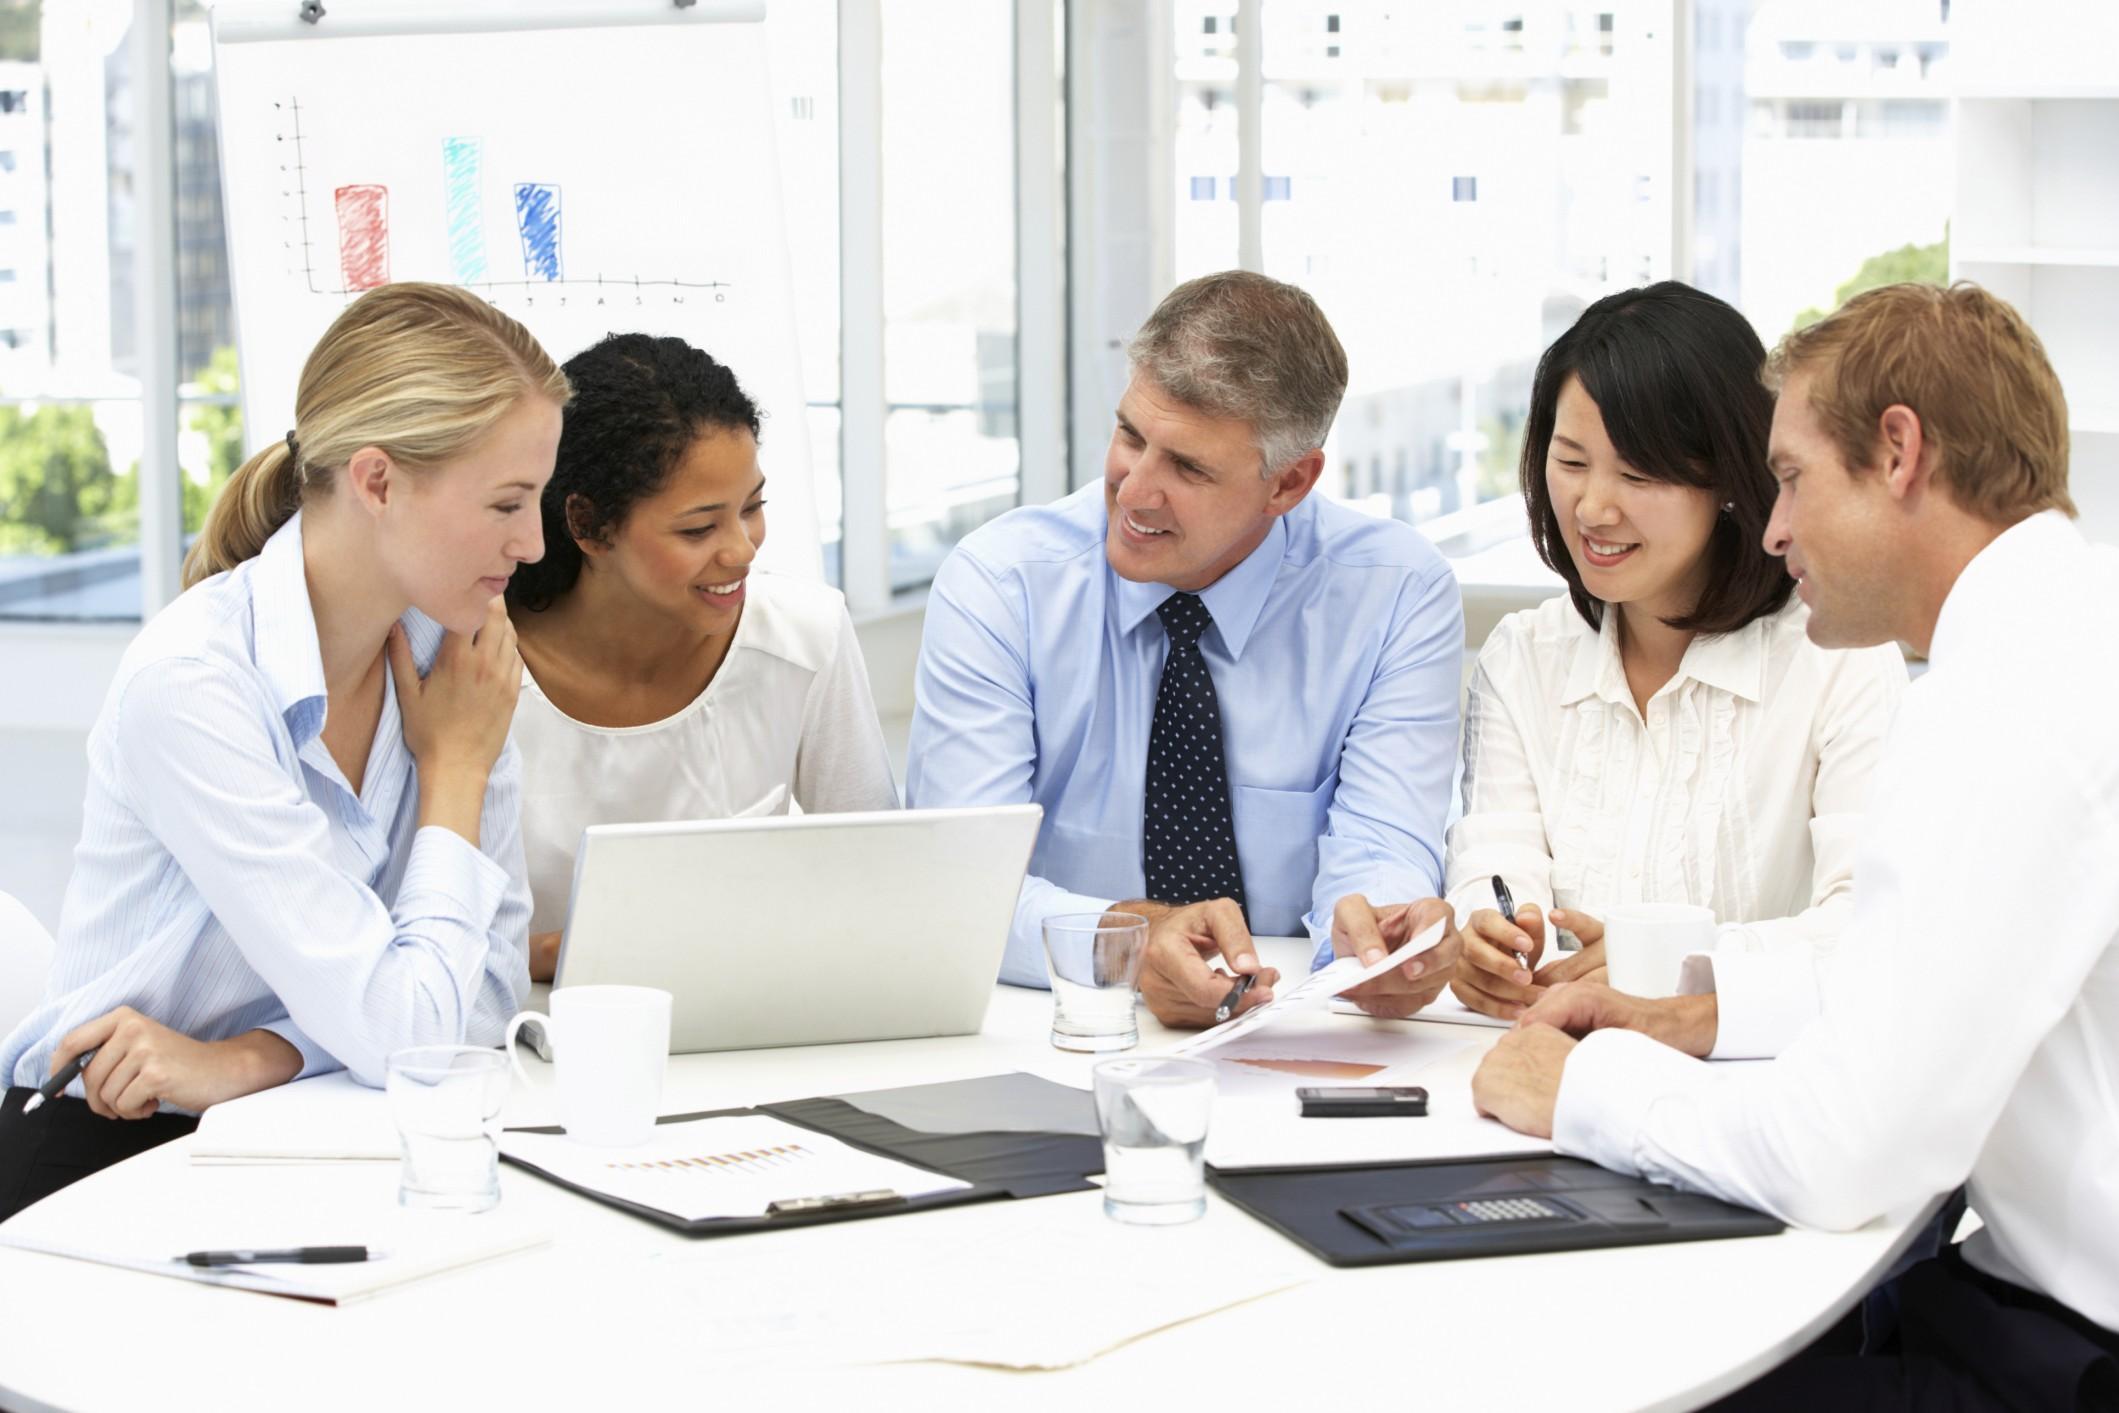 Ufficio Lavoro : Lavoro di squadra macchè in ufficio ci si aiuta solo per calcolo